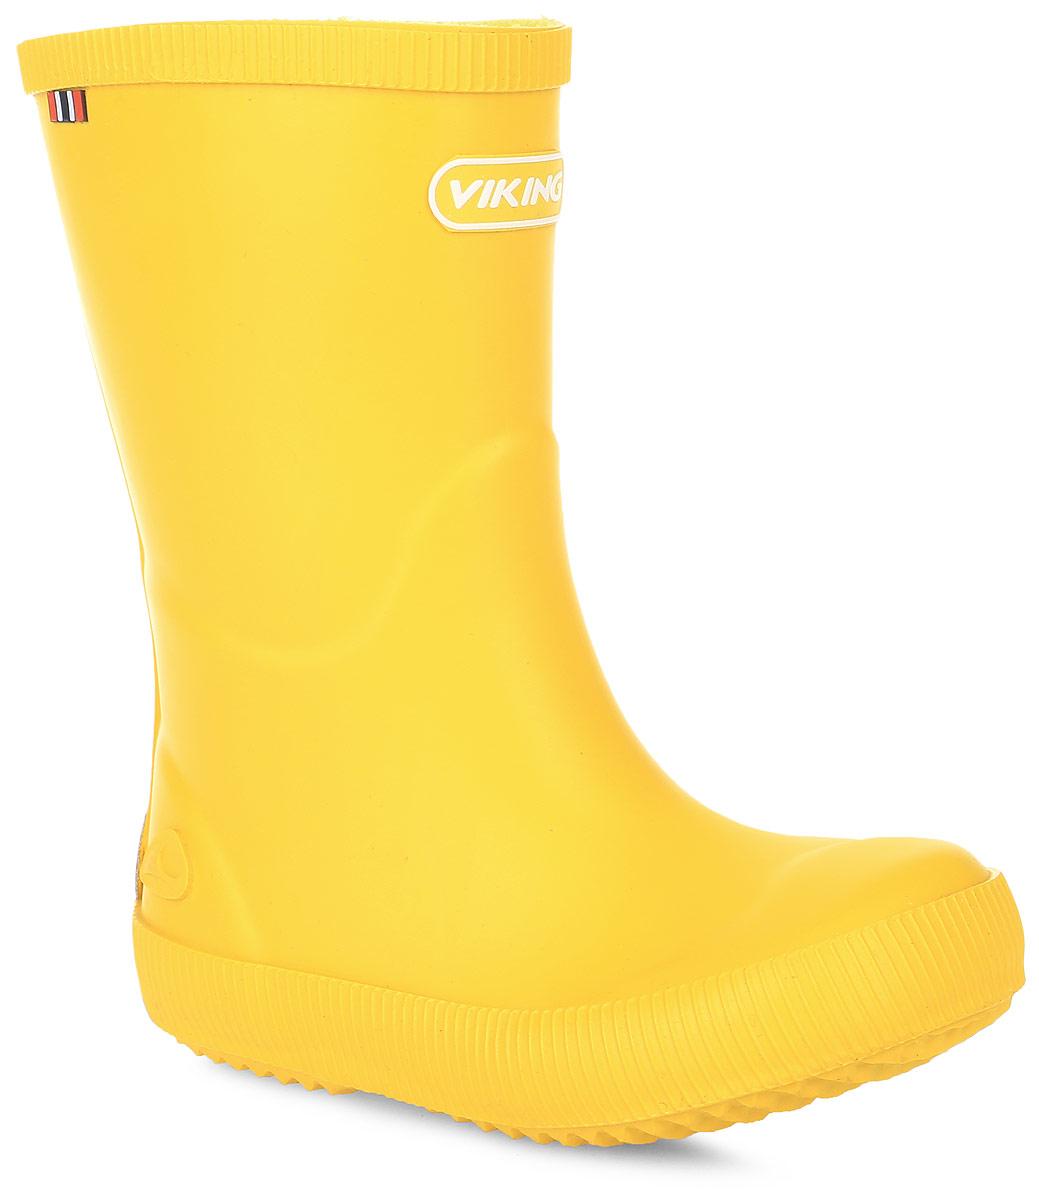 Сапоги резиновые для девочки Viking Classic Indie, цвет: желтый. 1-13200-00013. Размер 241-13200-00013Модные резиновые сапоги от Viking - идеальная обувь в дождливую погоду для вашей девочки. Модель лаконичного дизайна оформлена эмблемой с названием бренда. Внутренняя поверхность и стелька, выполненные из синтетического материала со скрученными волокнами, способствующими поддержанию тепла, комфортны при ходьбе. Подошва с протектором гарантирует отличное сцепление с любой поверхностью. Резиновые сапоги - необходимая вещь в гардеробе каждого ребенка.